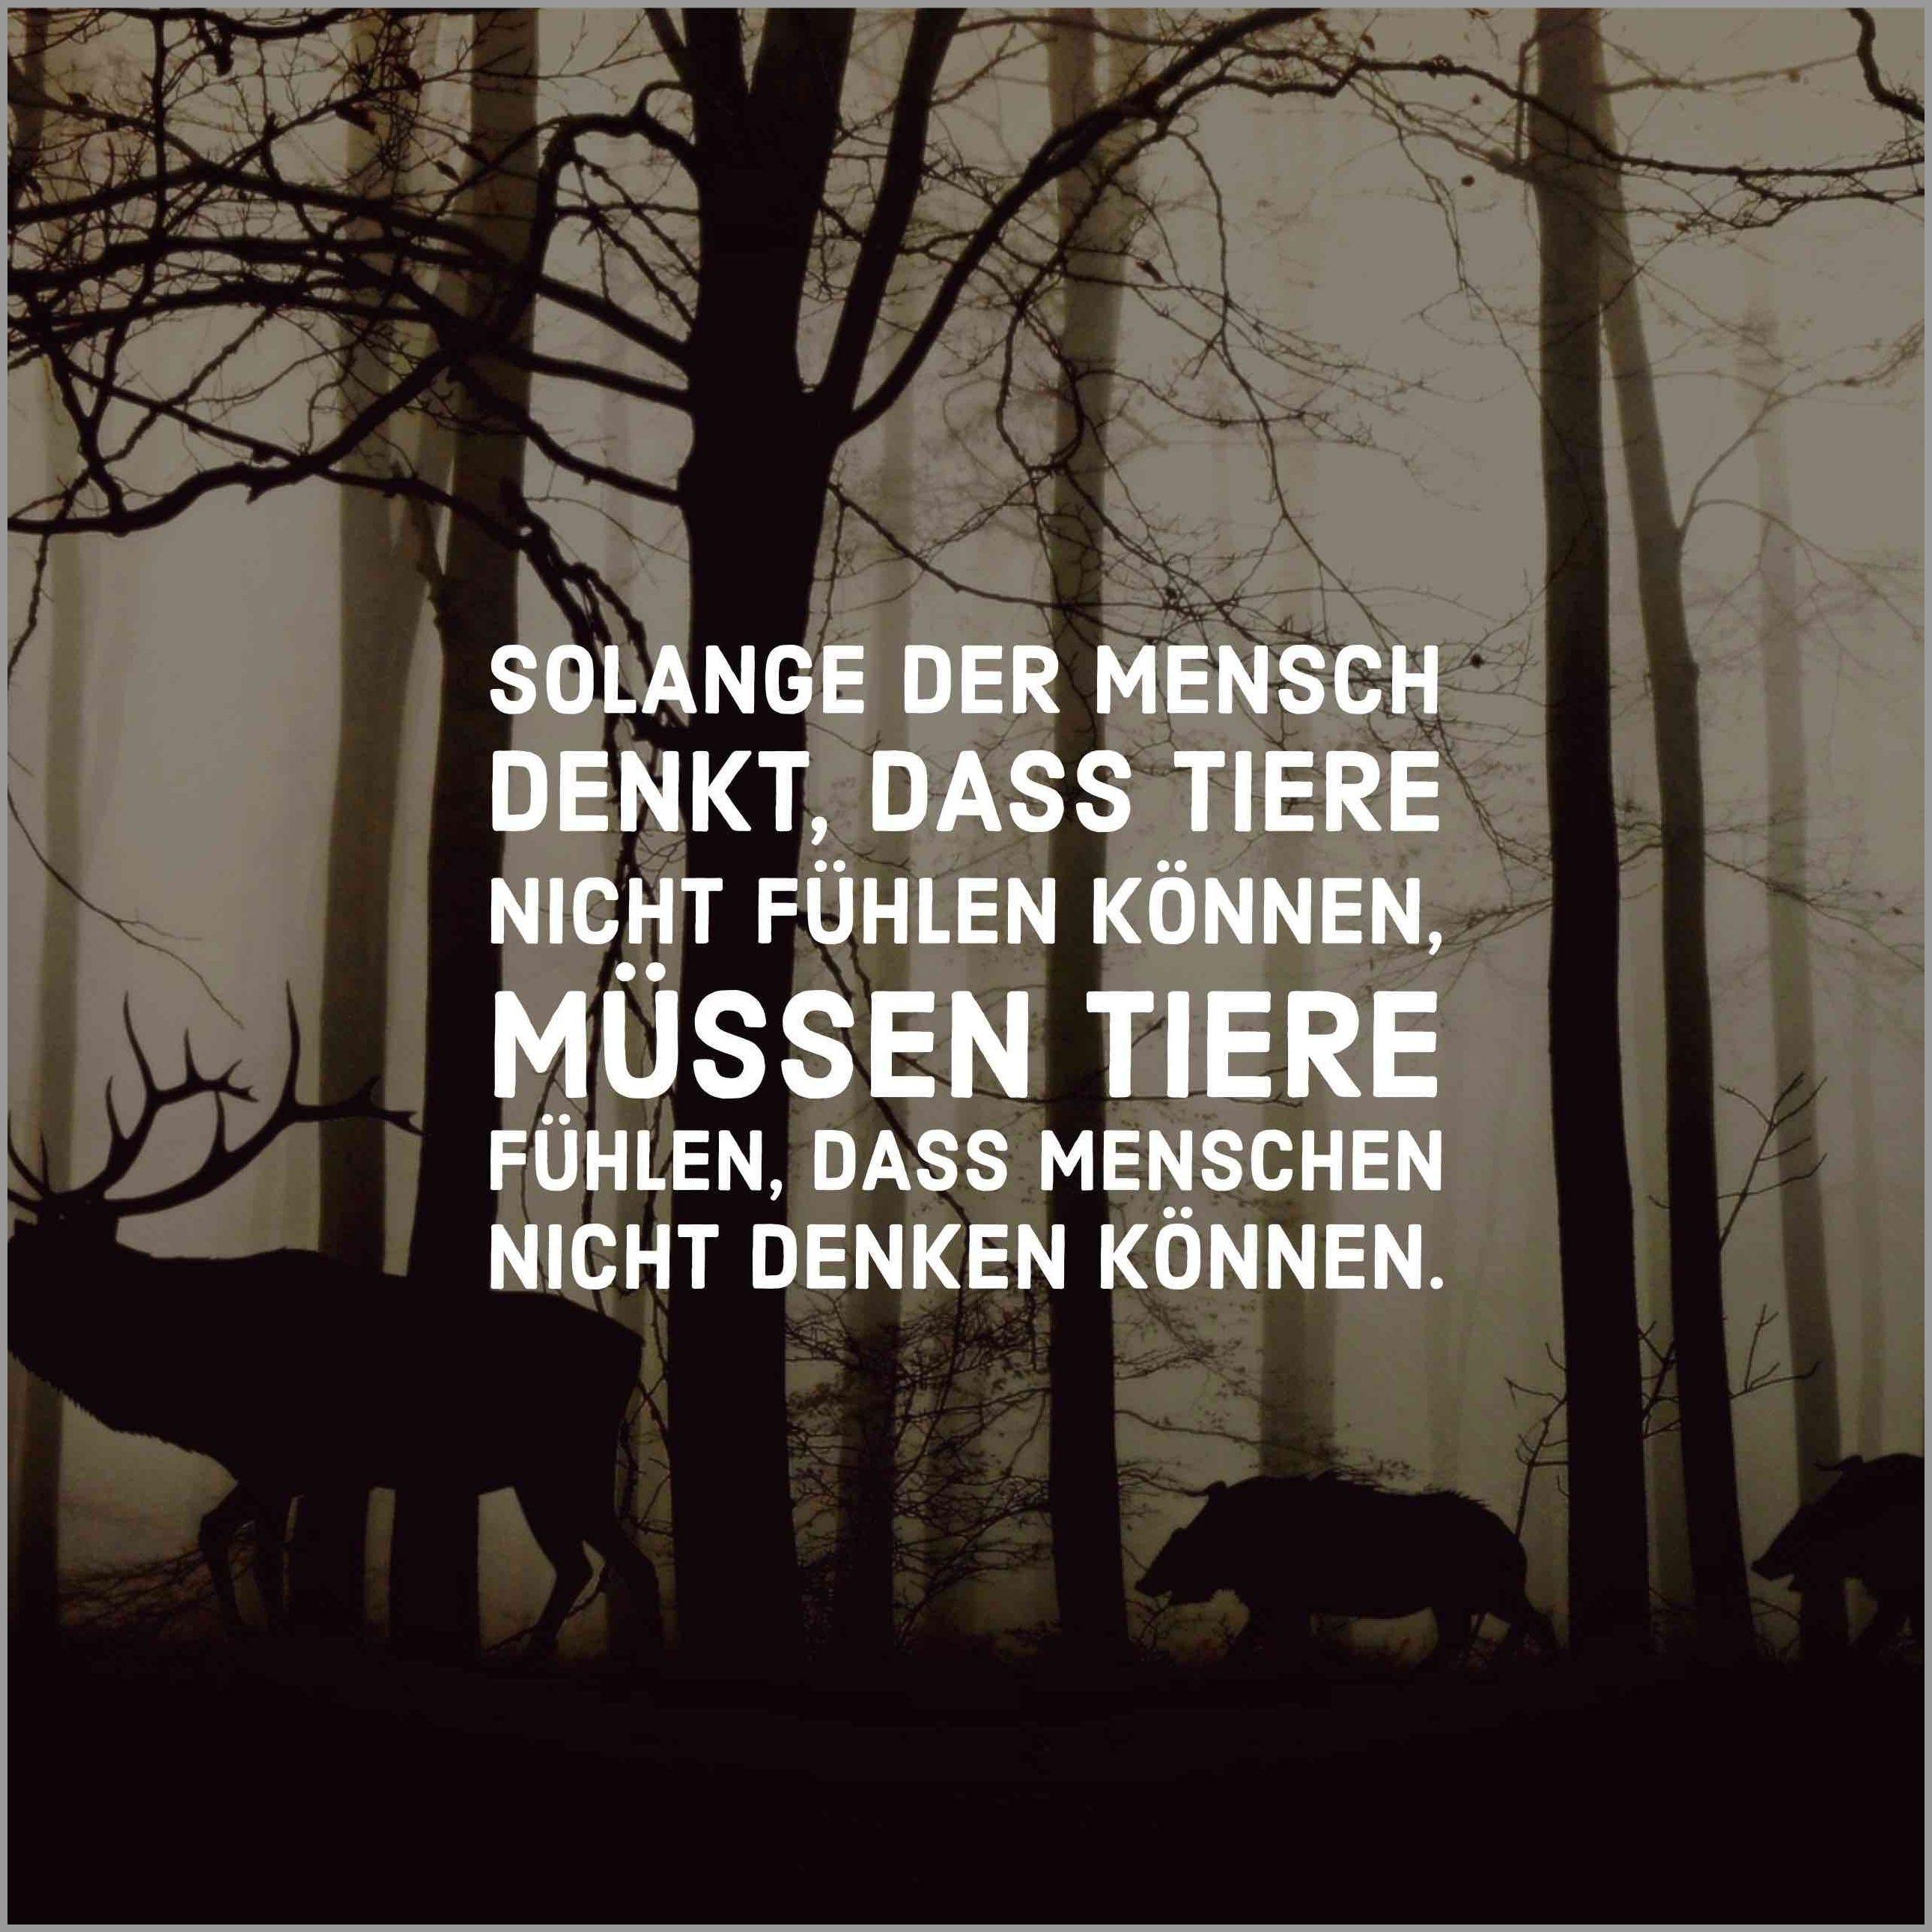 Solange Der Mensch Denkt Dass Tiere Nicht Fuehlen Koennen Muessen Tiere Fuehlen Dass Menschen Nicht Denken Koennen Best Quotes Things To Come Truth